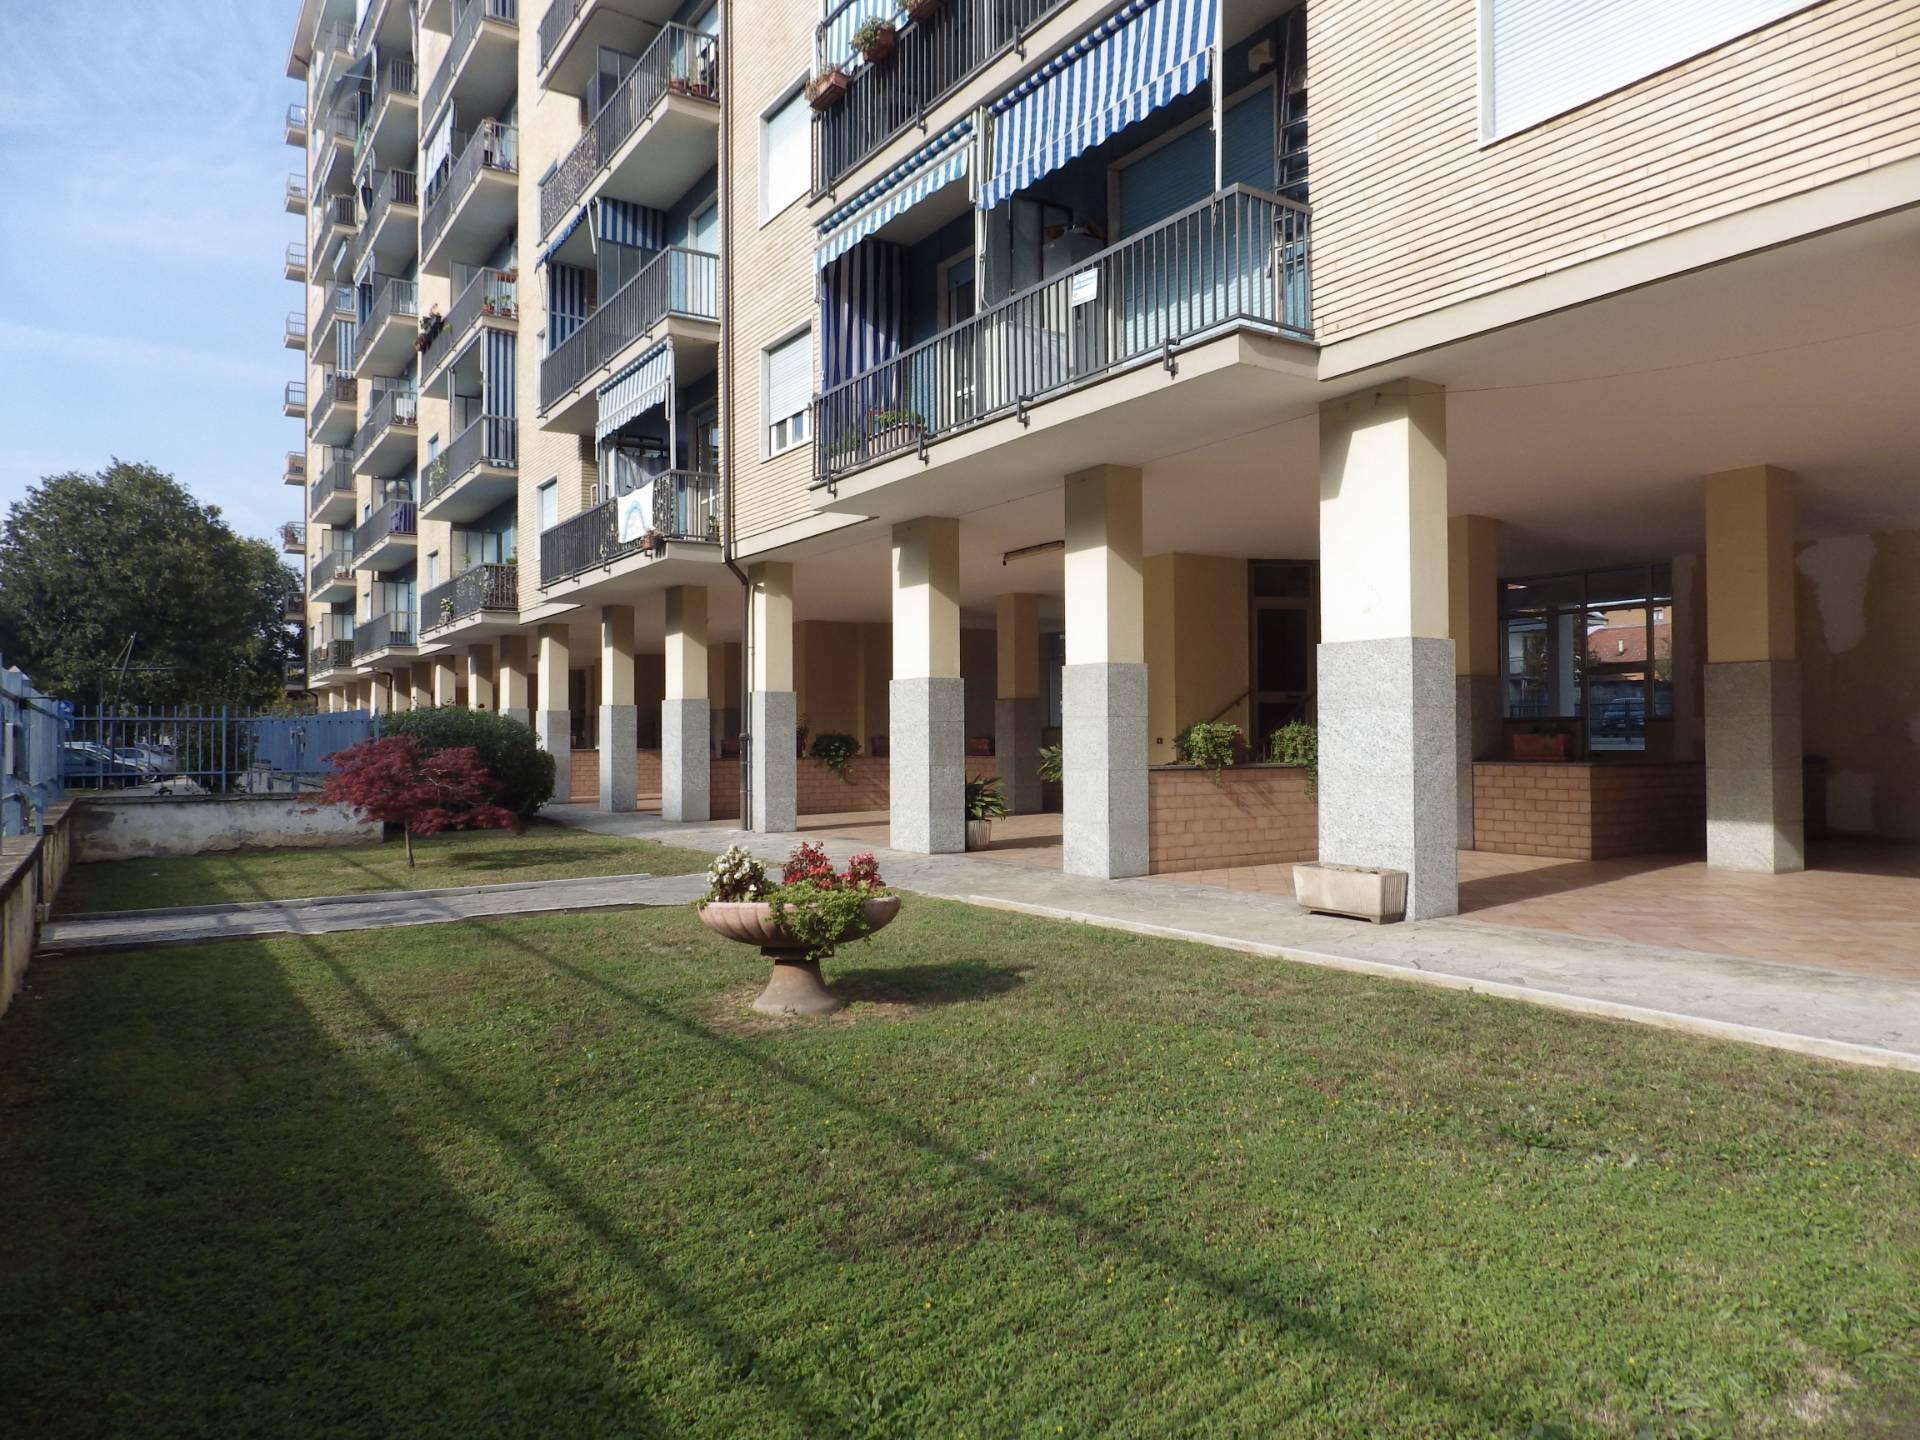 Appartamento in vendita a Grugliasco, 3 locali, zona Località: SanGiacomo, prezzo € 127.000 | CambioCasa.it